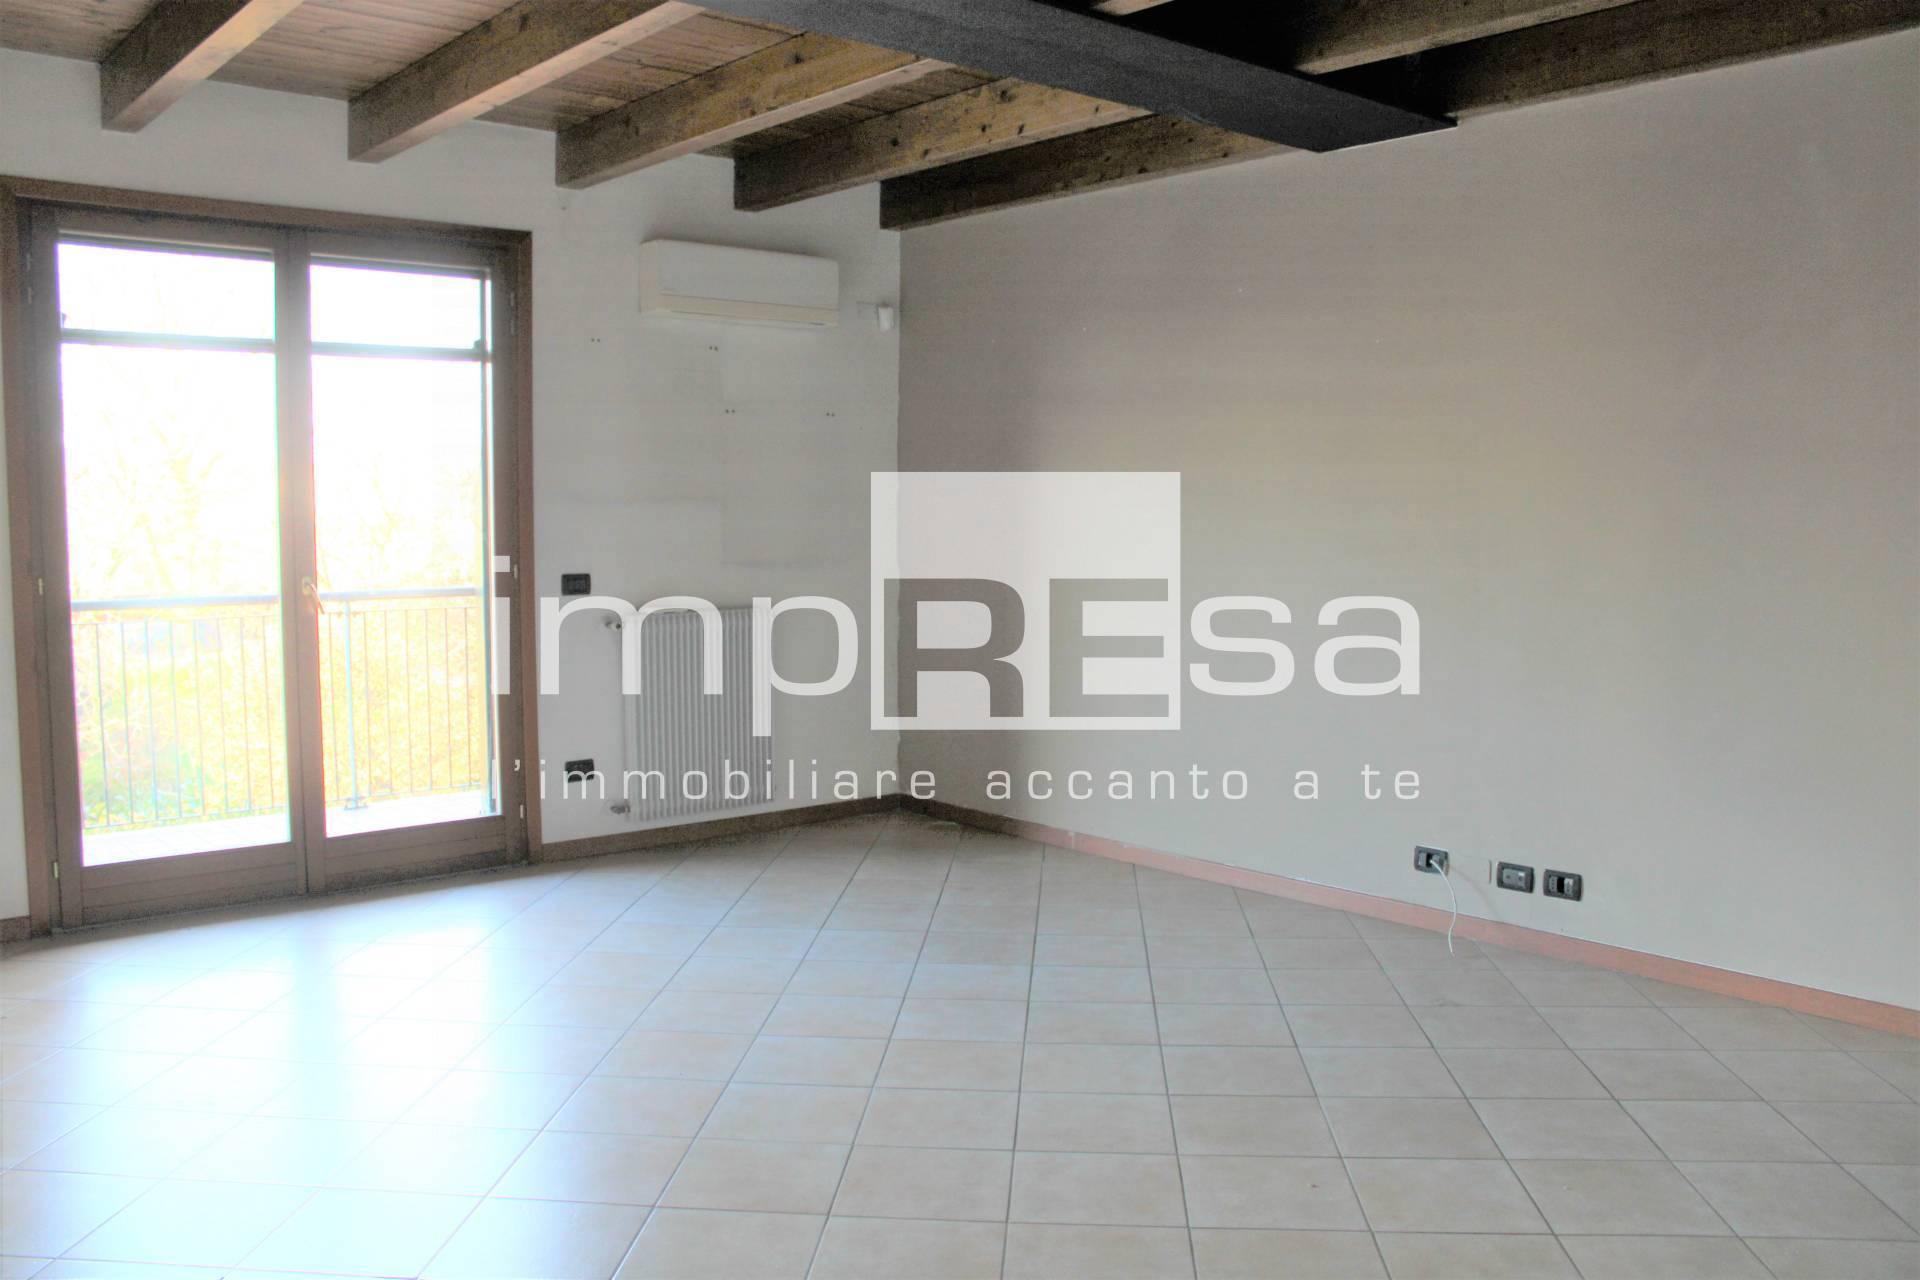 Appartamento in vendita a Marcon, 4 locali, prezzo € 165.000 | CambioCasa.it